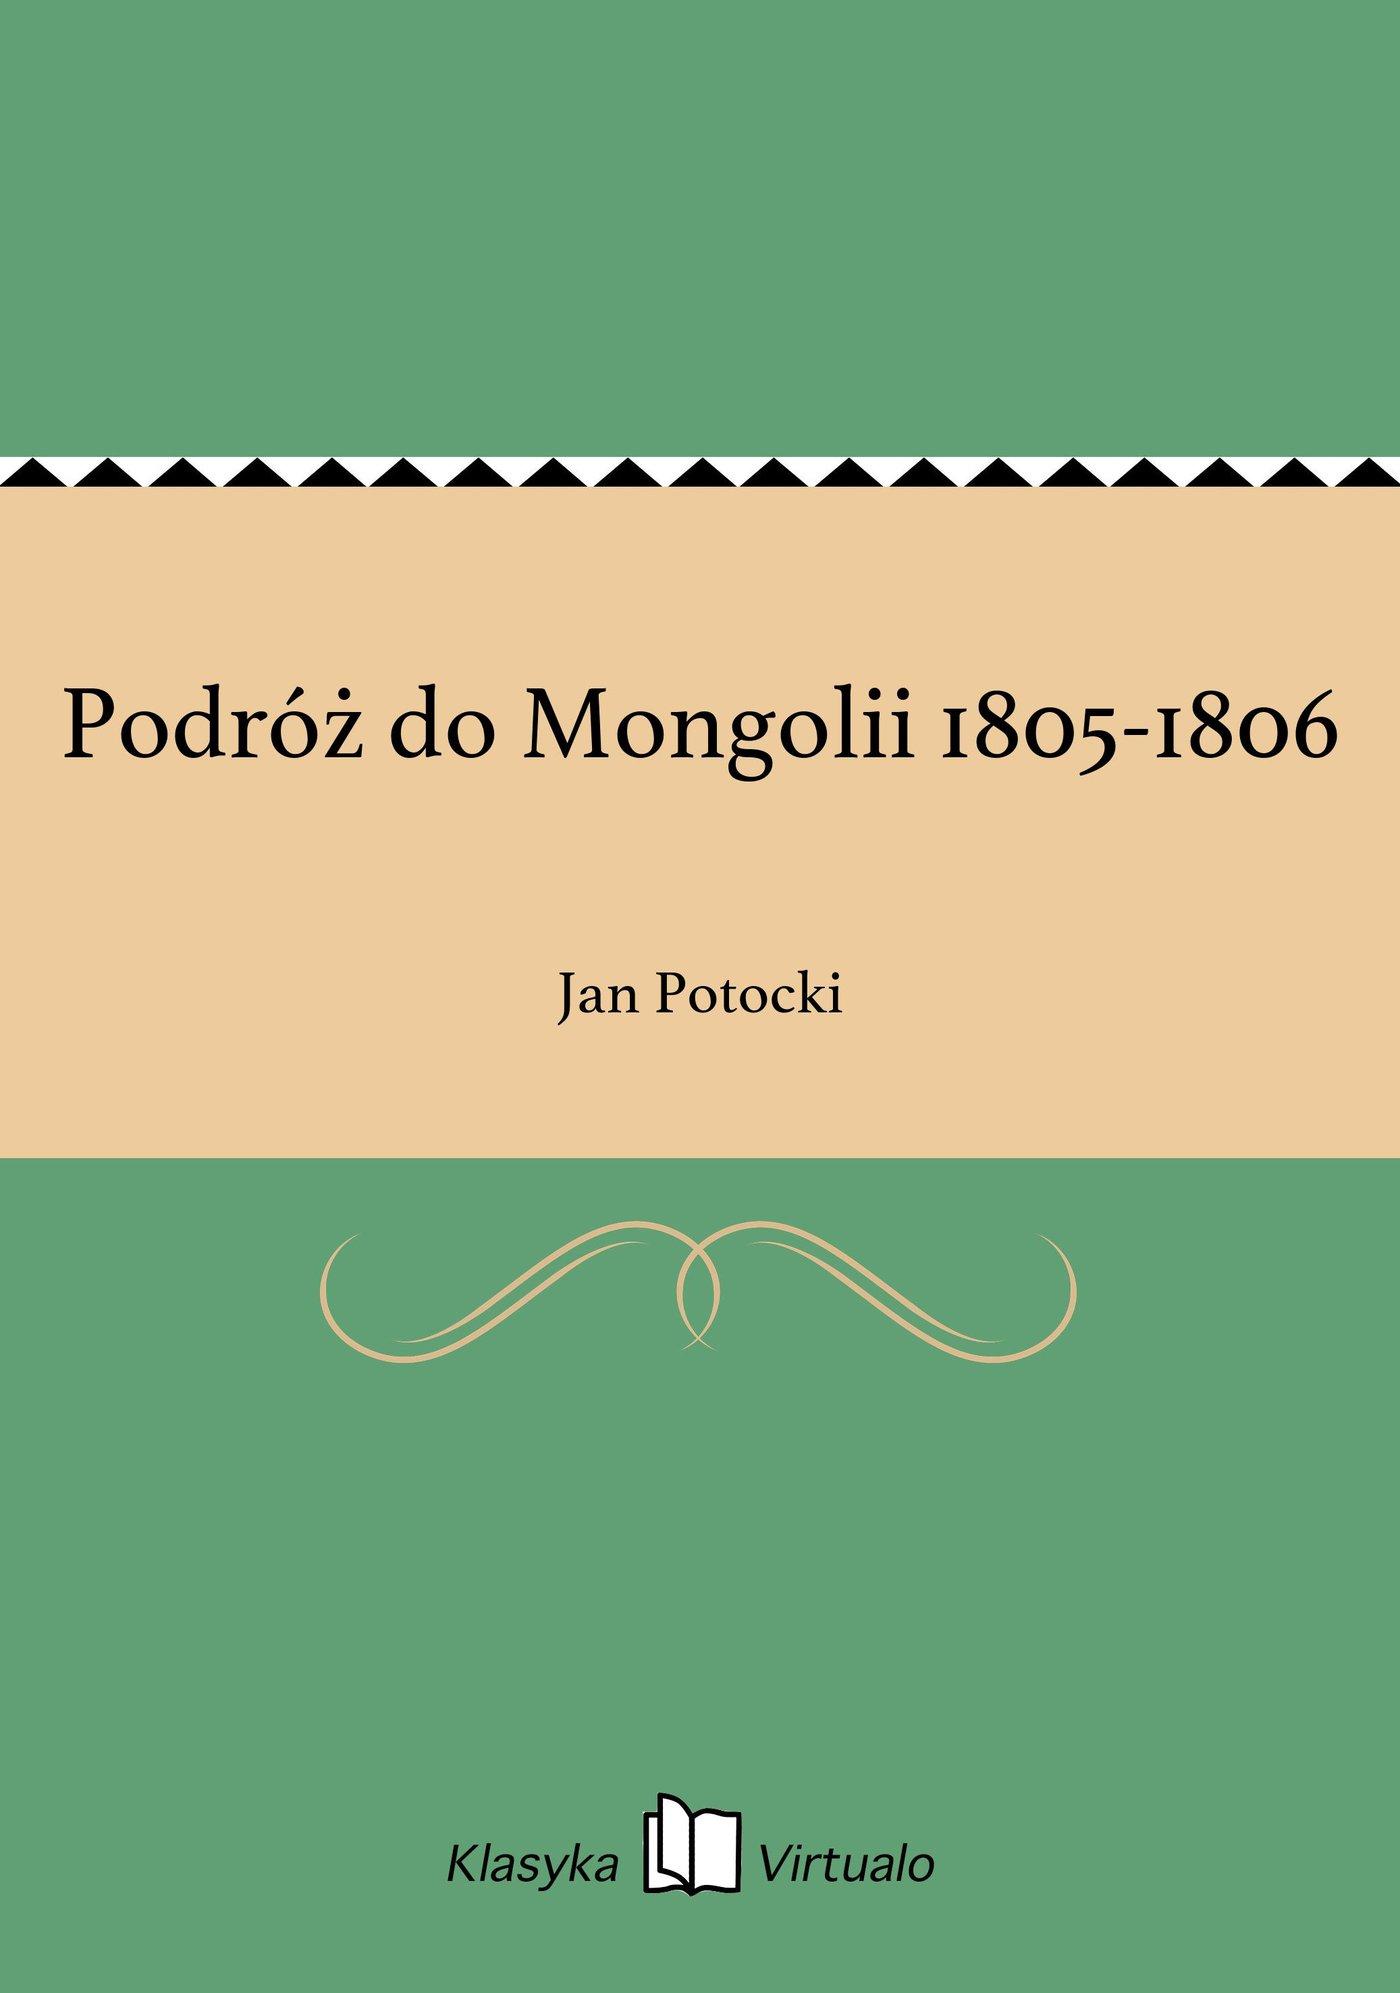 Podróż do Mongolii 1805-1806 - Ebook (Książka EPUB) do pobrania w formacie EPUB